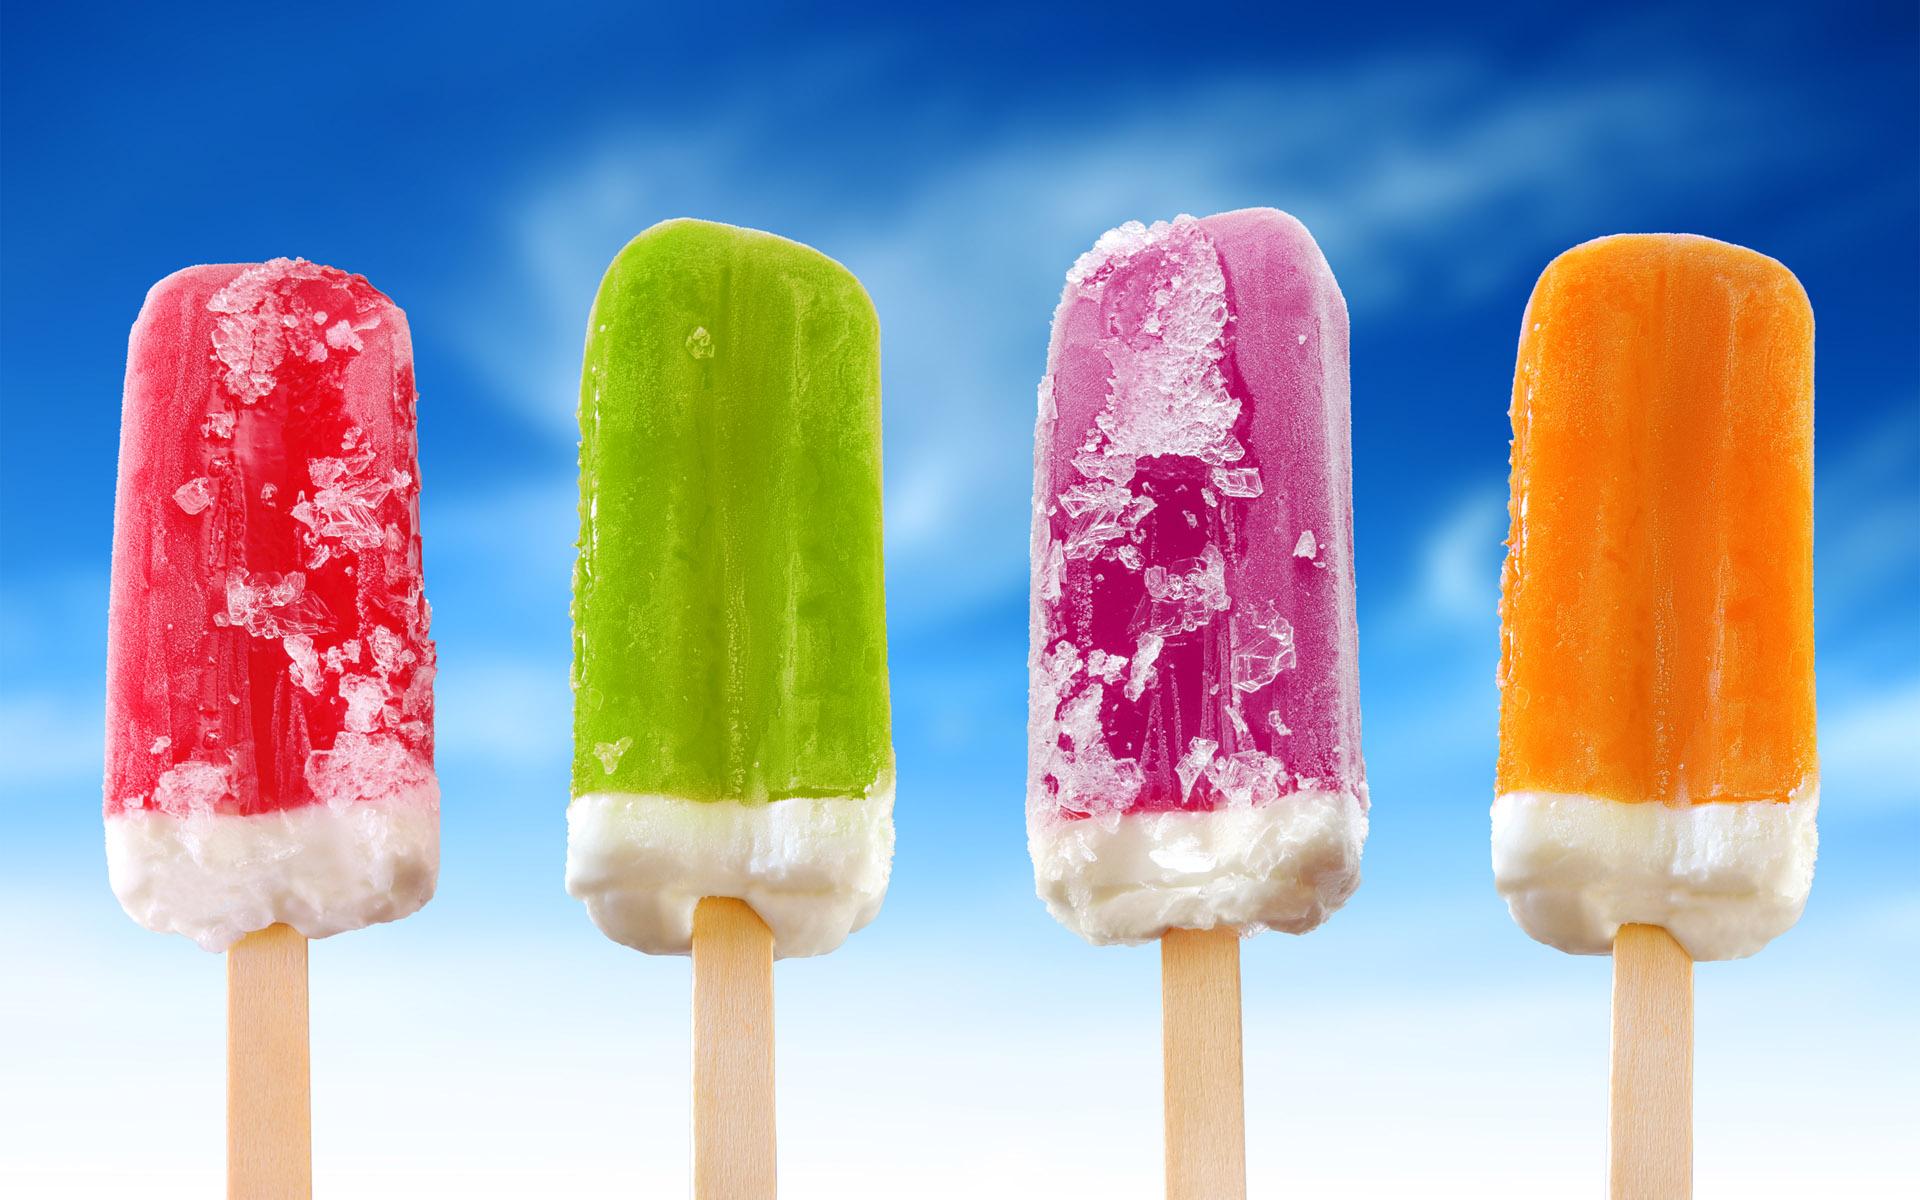 менее поместья красивое мороженое картинки эксперимен-тальной части